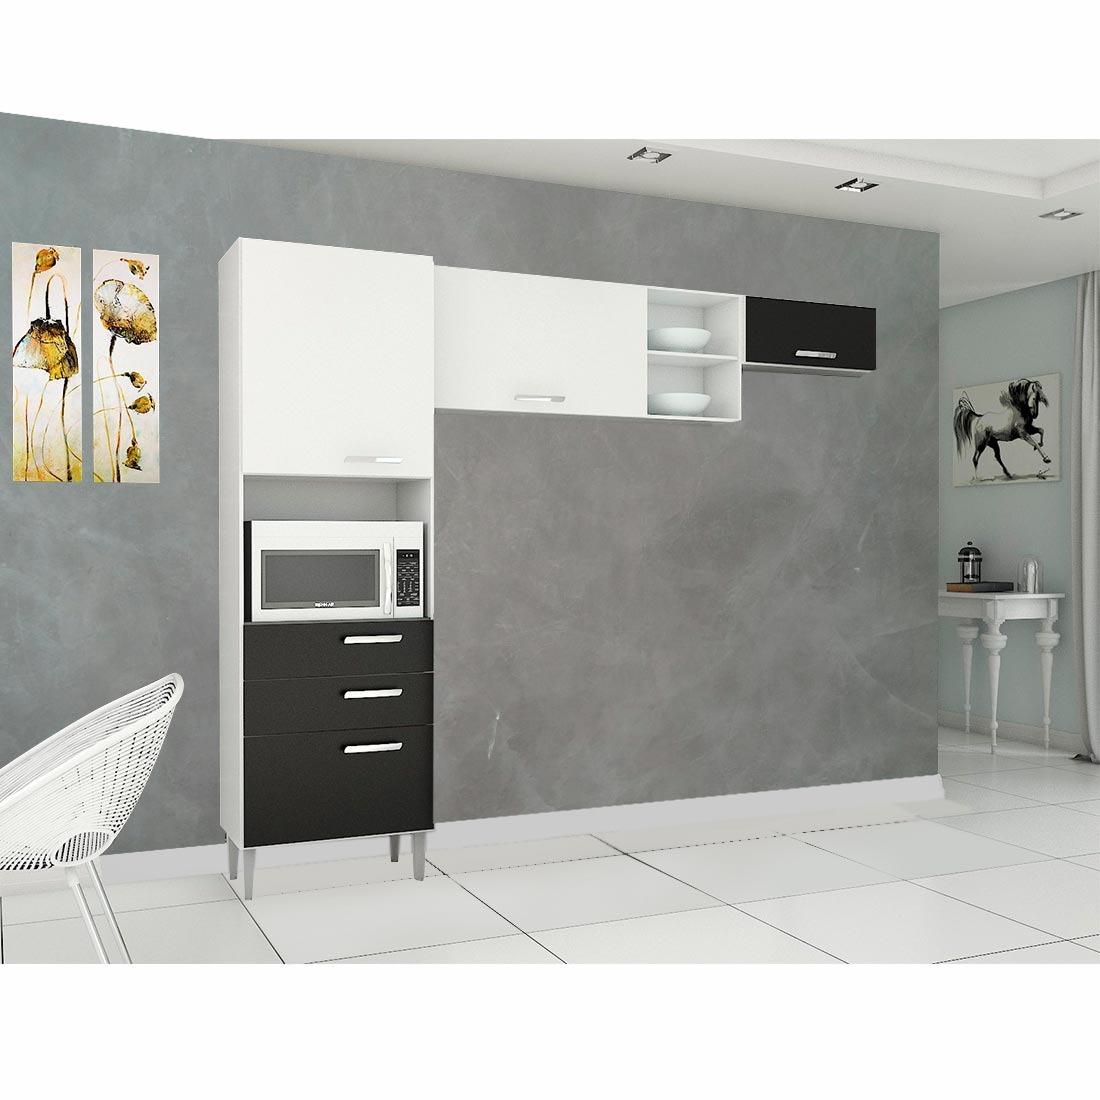 Cozinha Modulada Poquema Natalia 4 Portas Branco E Preto R 461